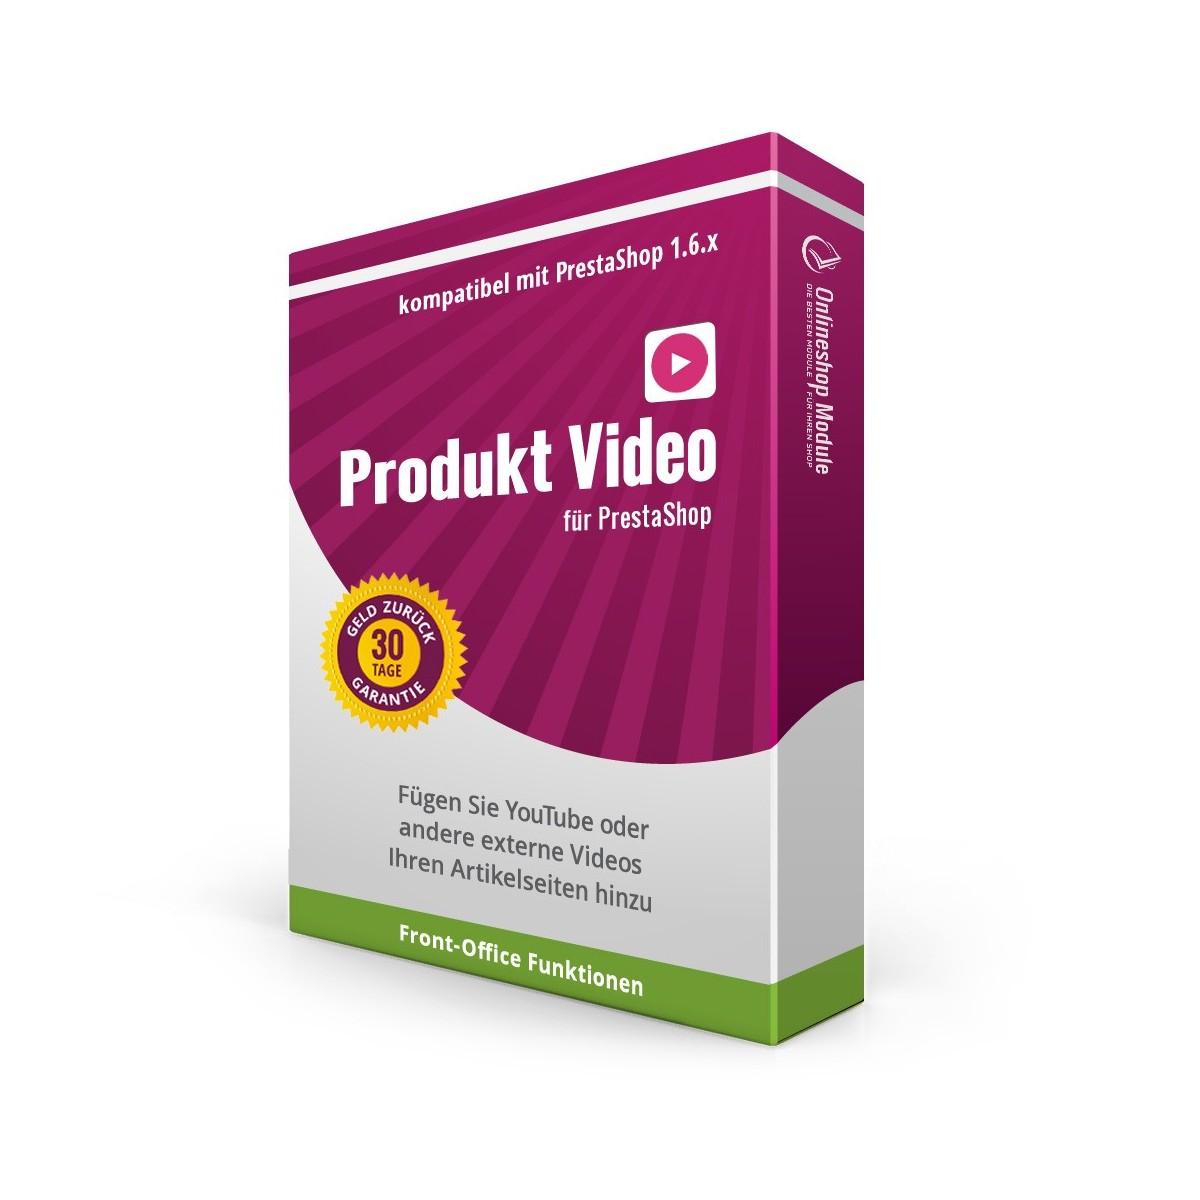 Produkt Video für PrestaShop 1.6, Video Übersicht im Back Office Controller